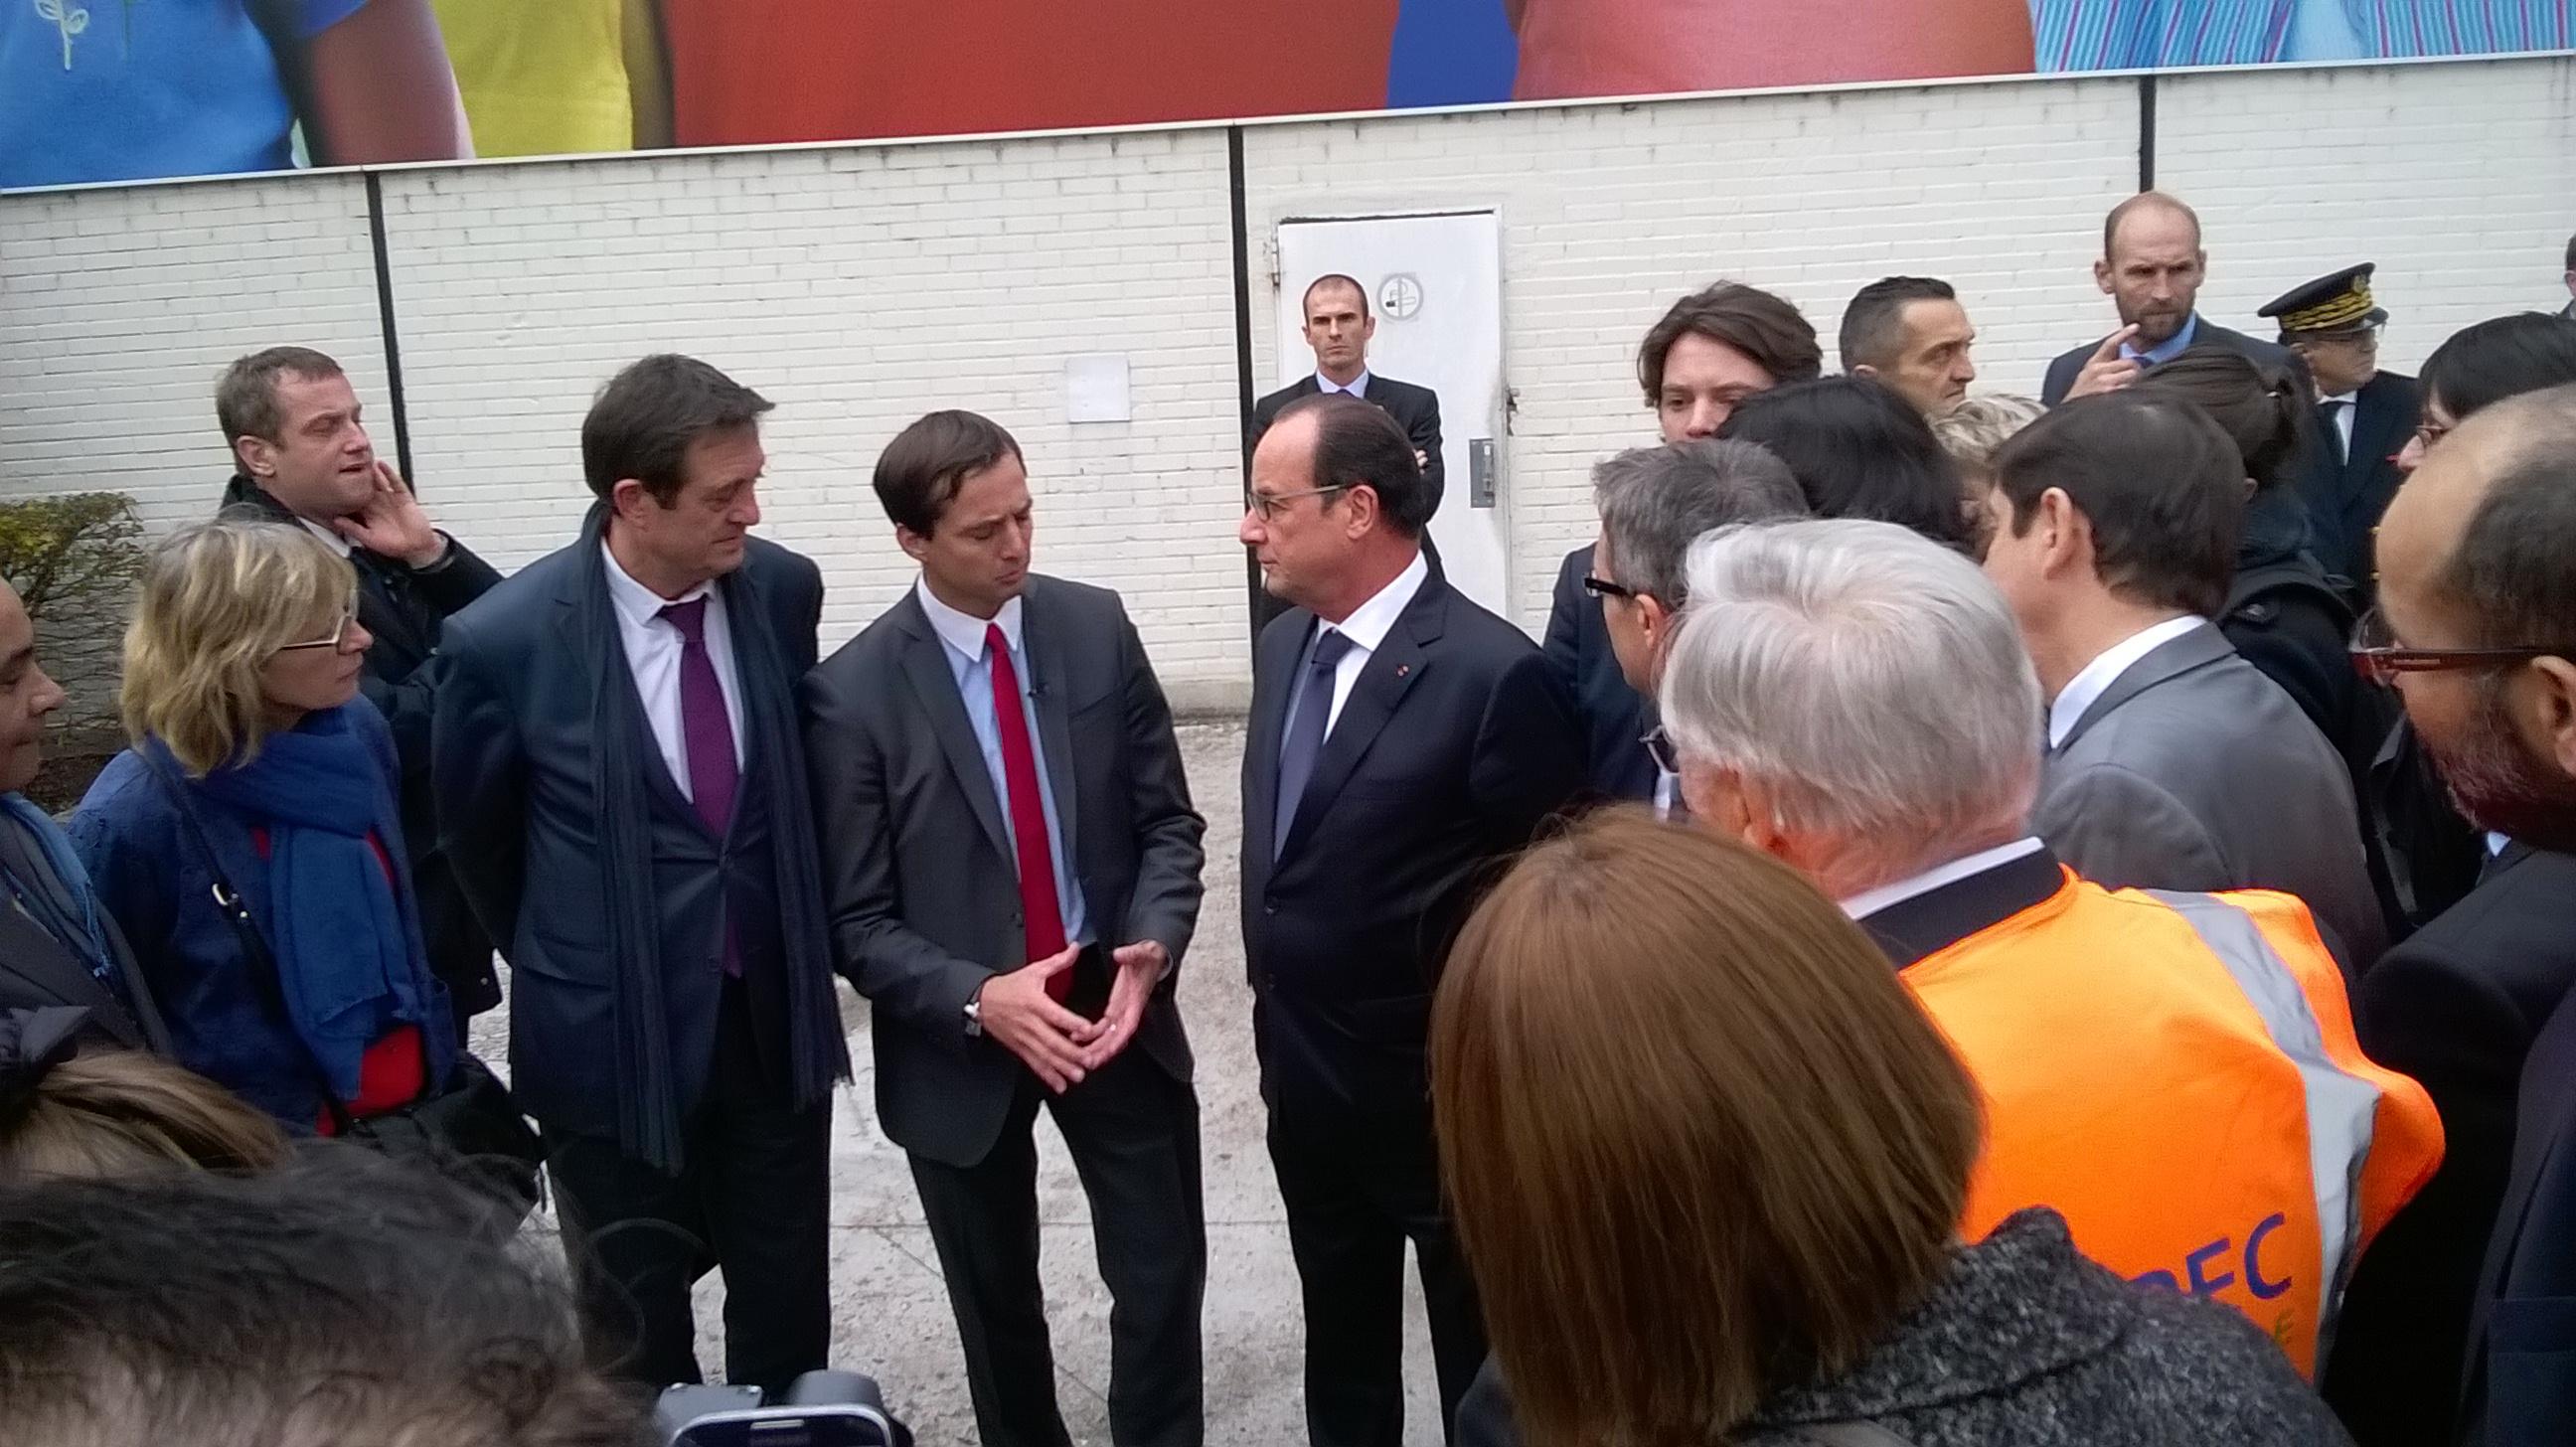 Le President Hollande, les TPE et B4E